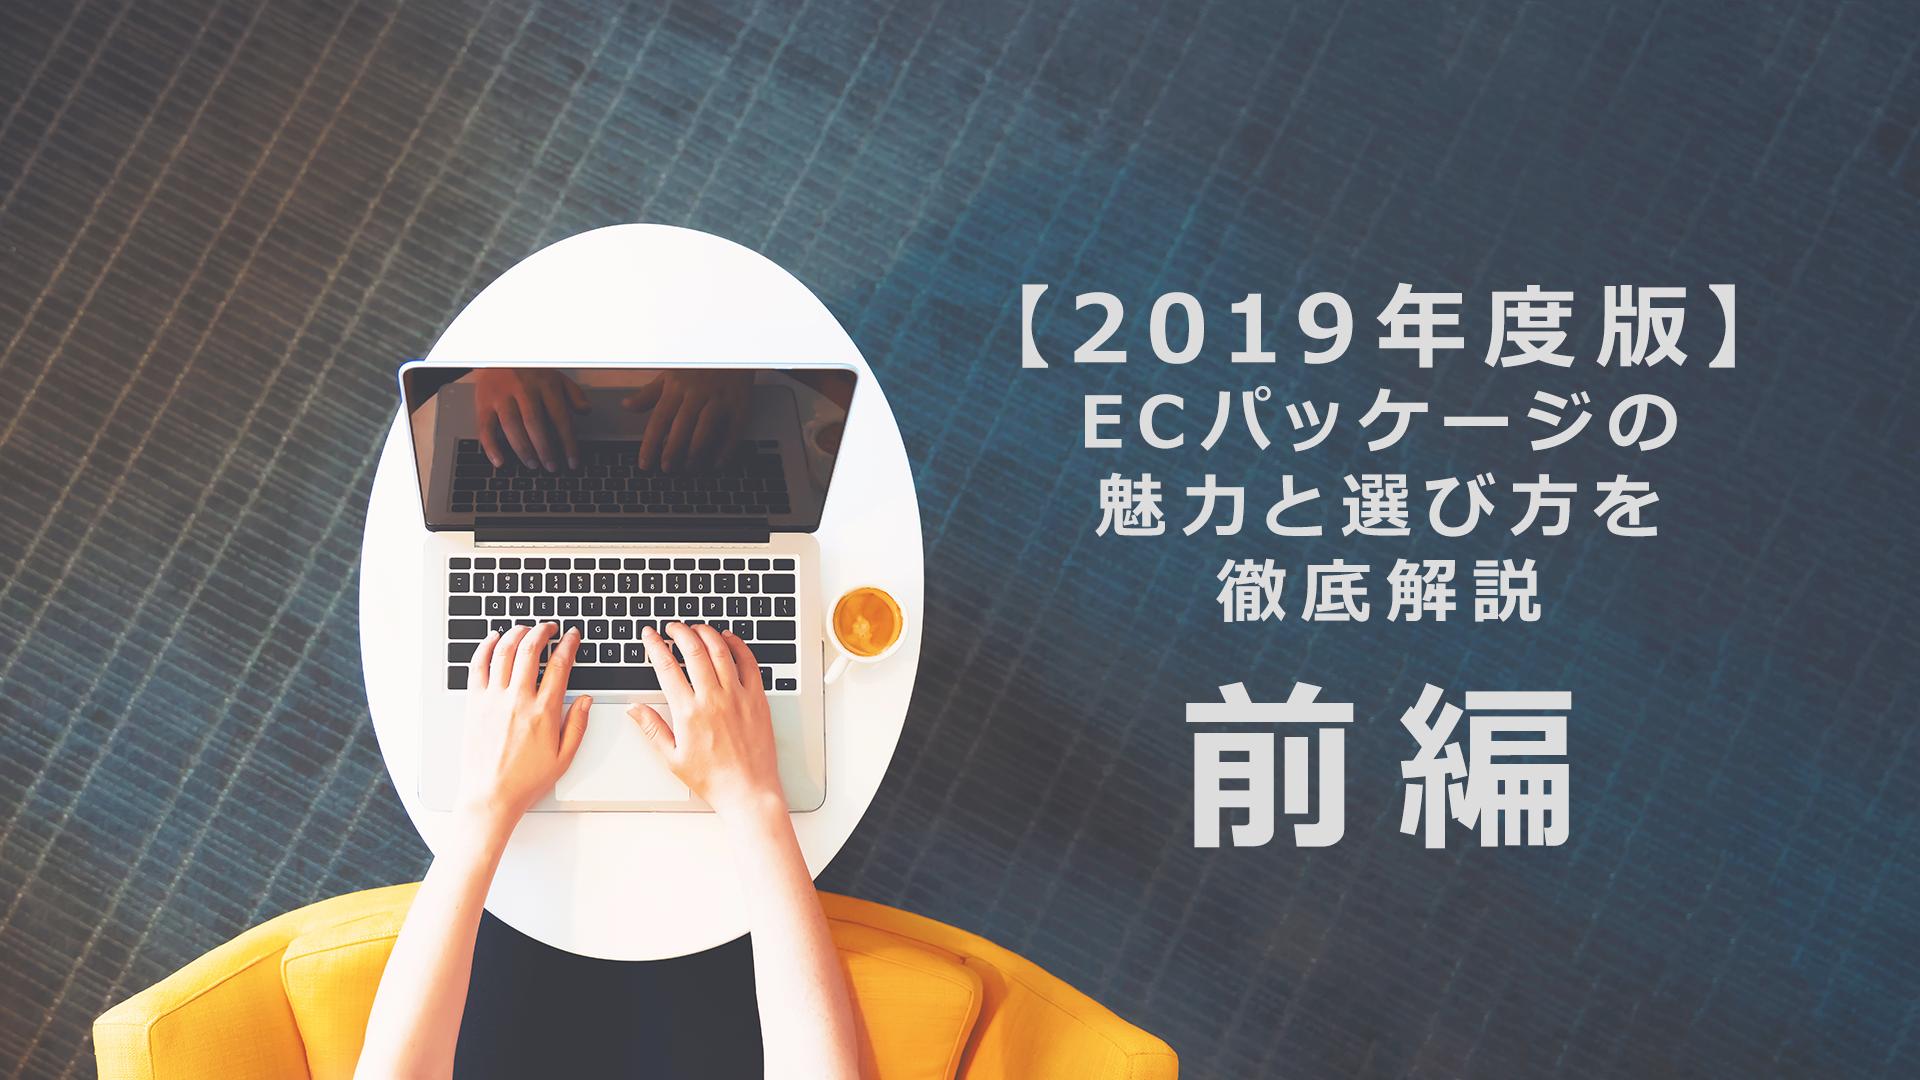 【前編】【2019年度版】ECパッケージの魅力と選び方を徹底解説